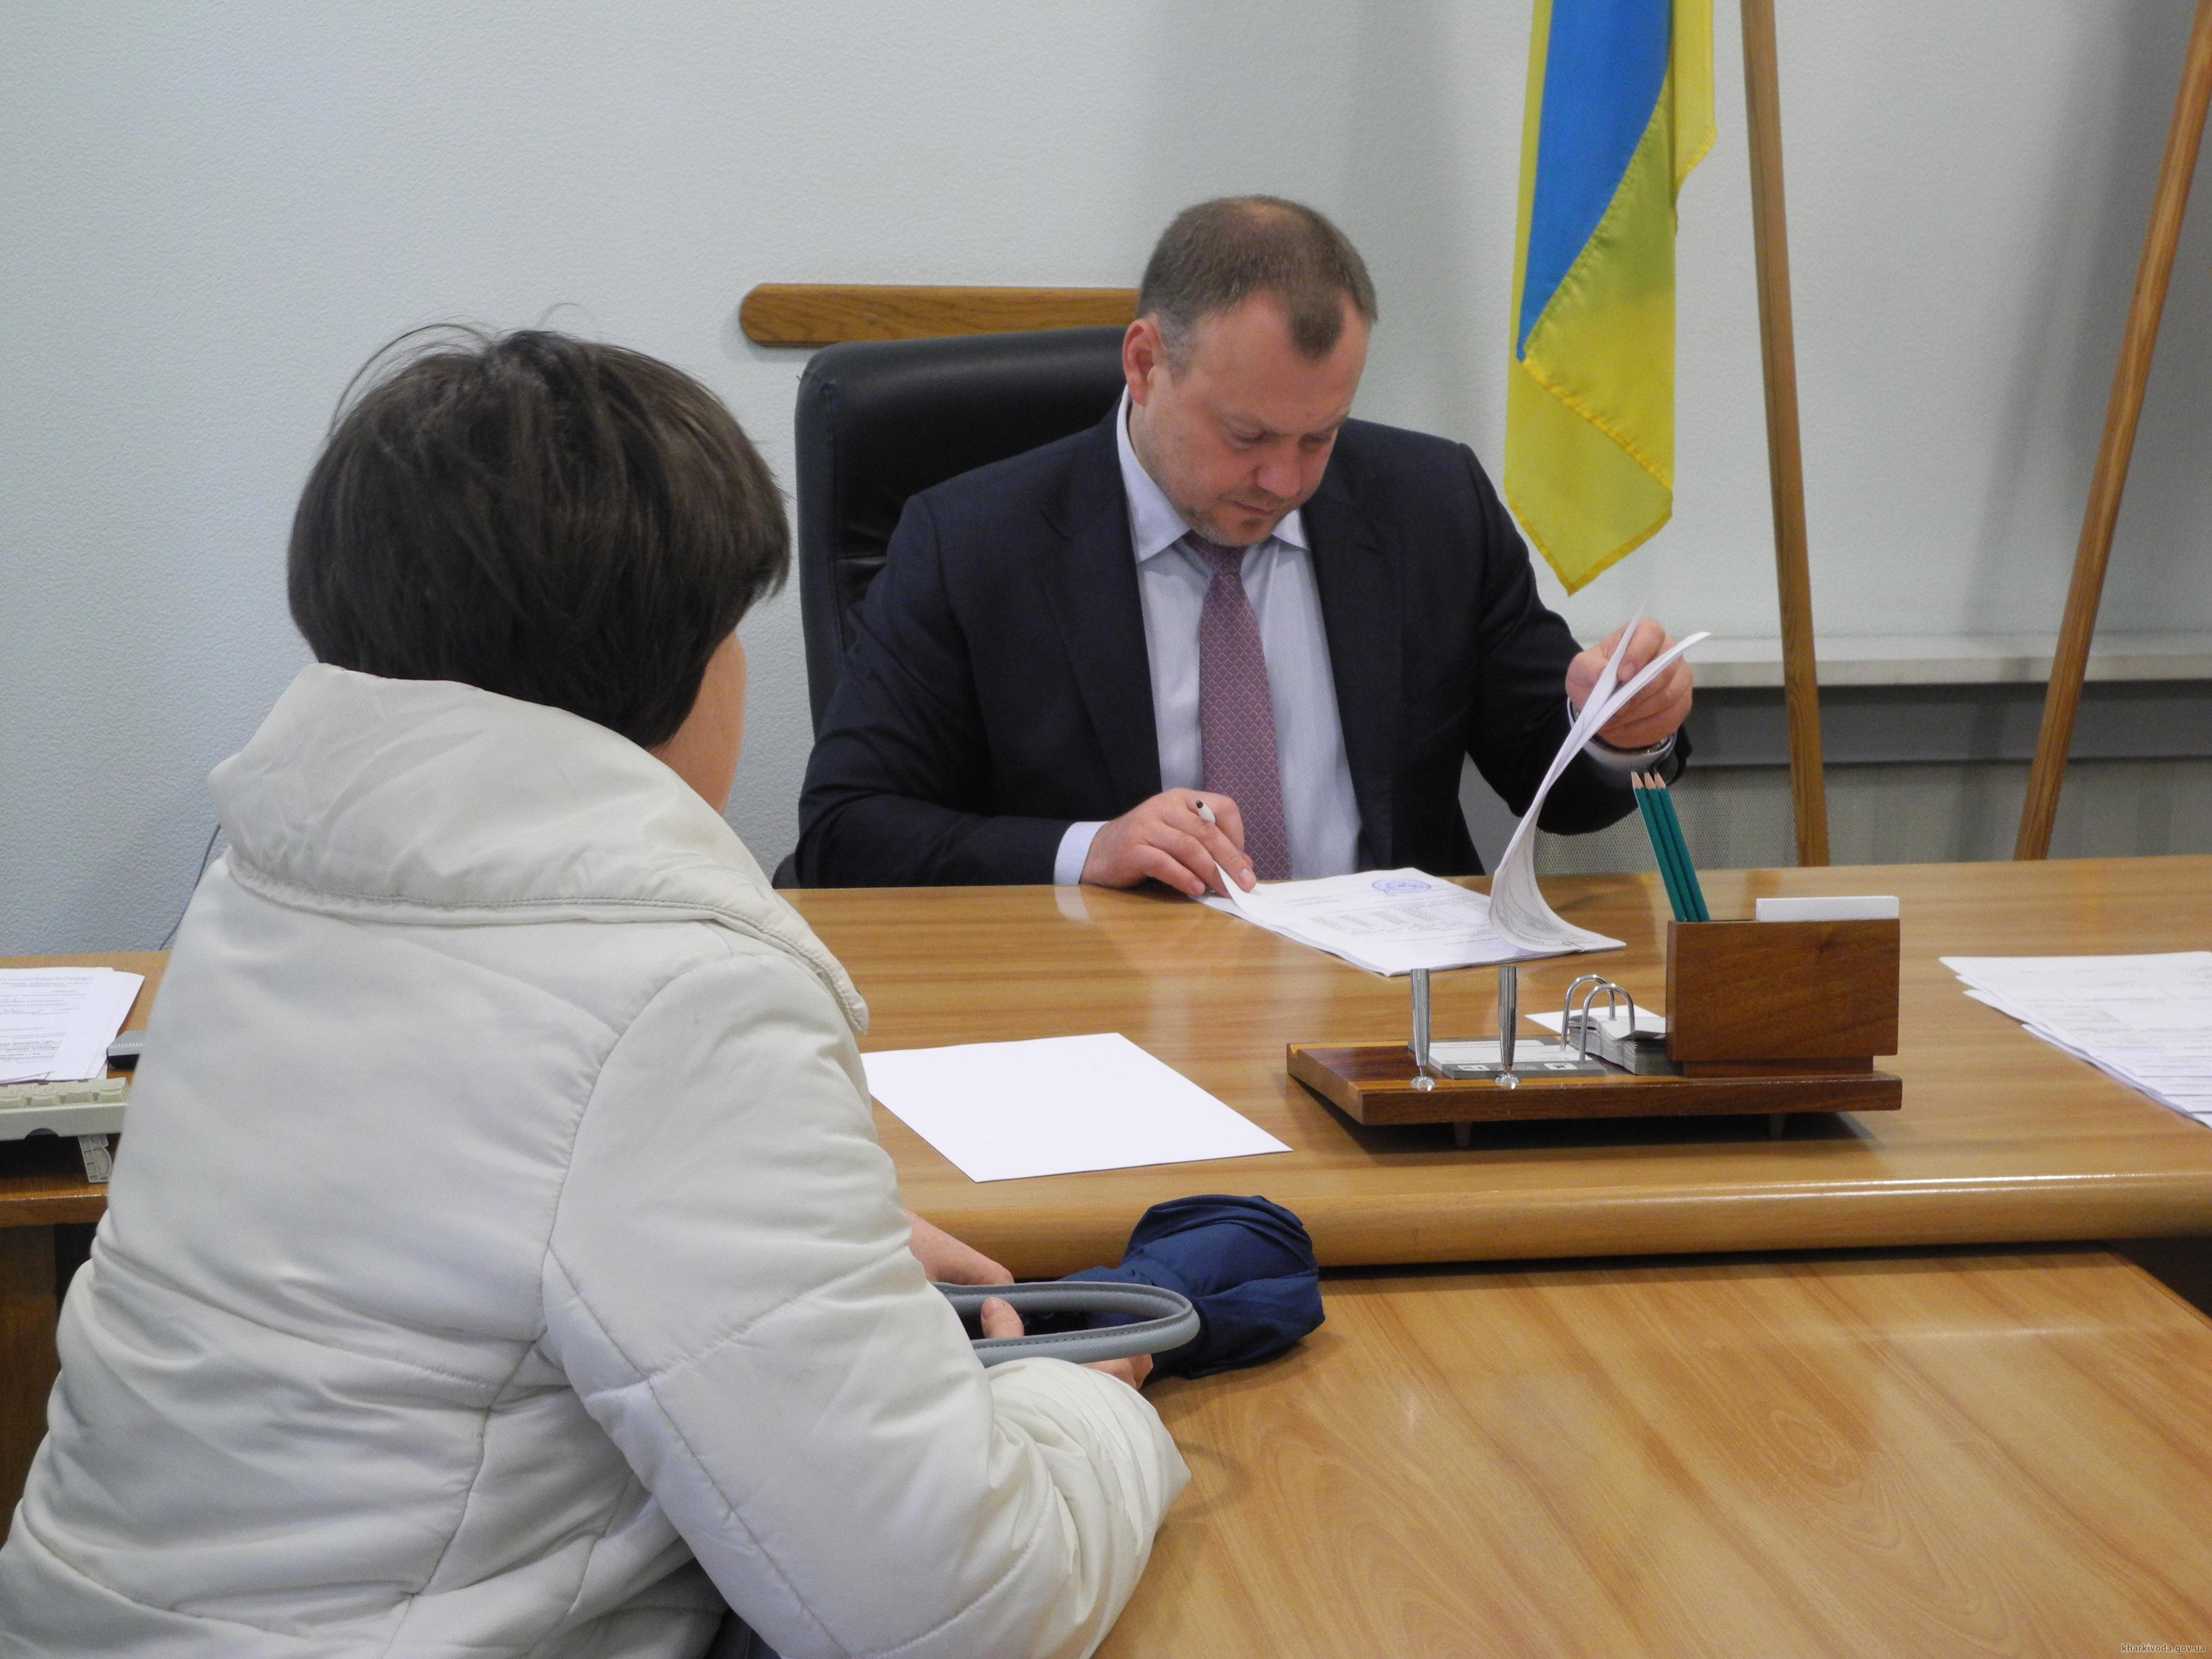 Михаила Черняка просили содействовать выделению материальной помощи на лечение (ФОТО)